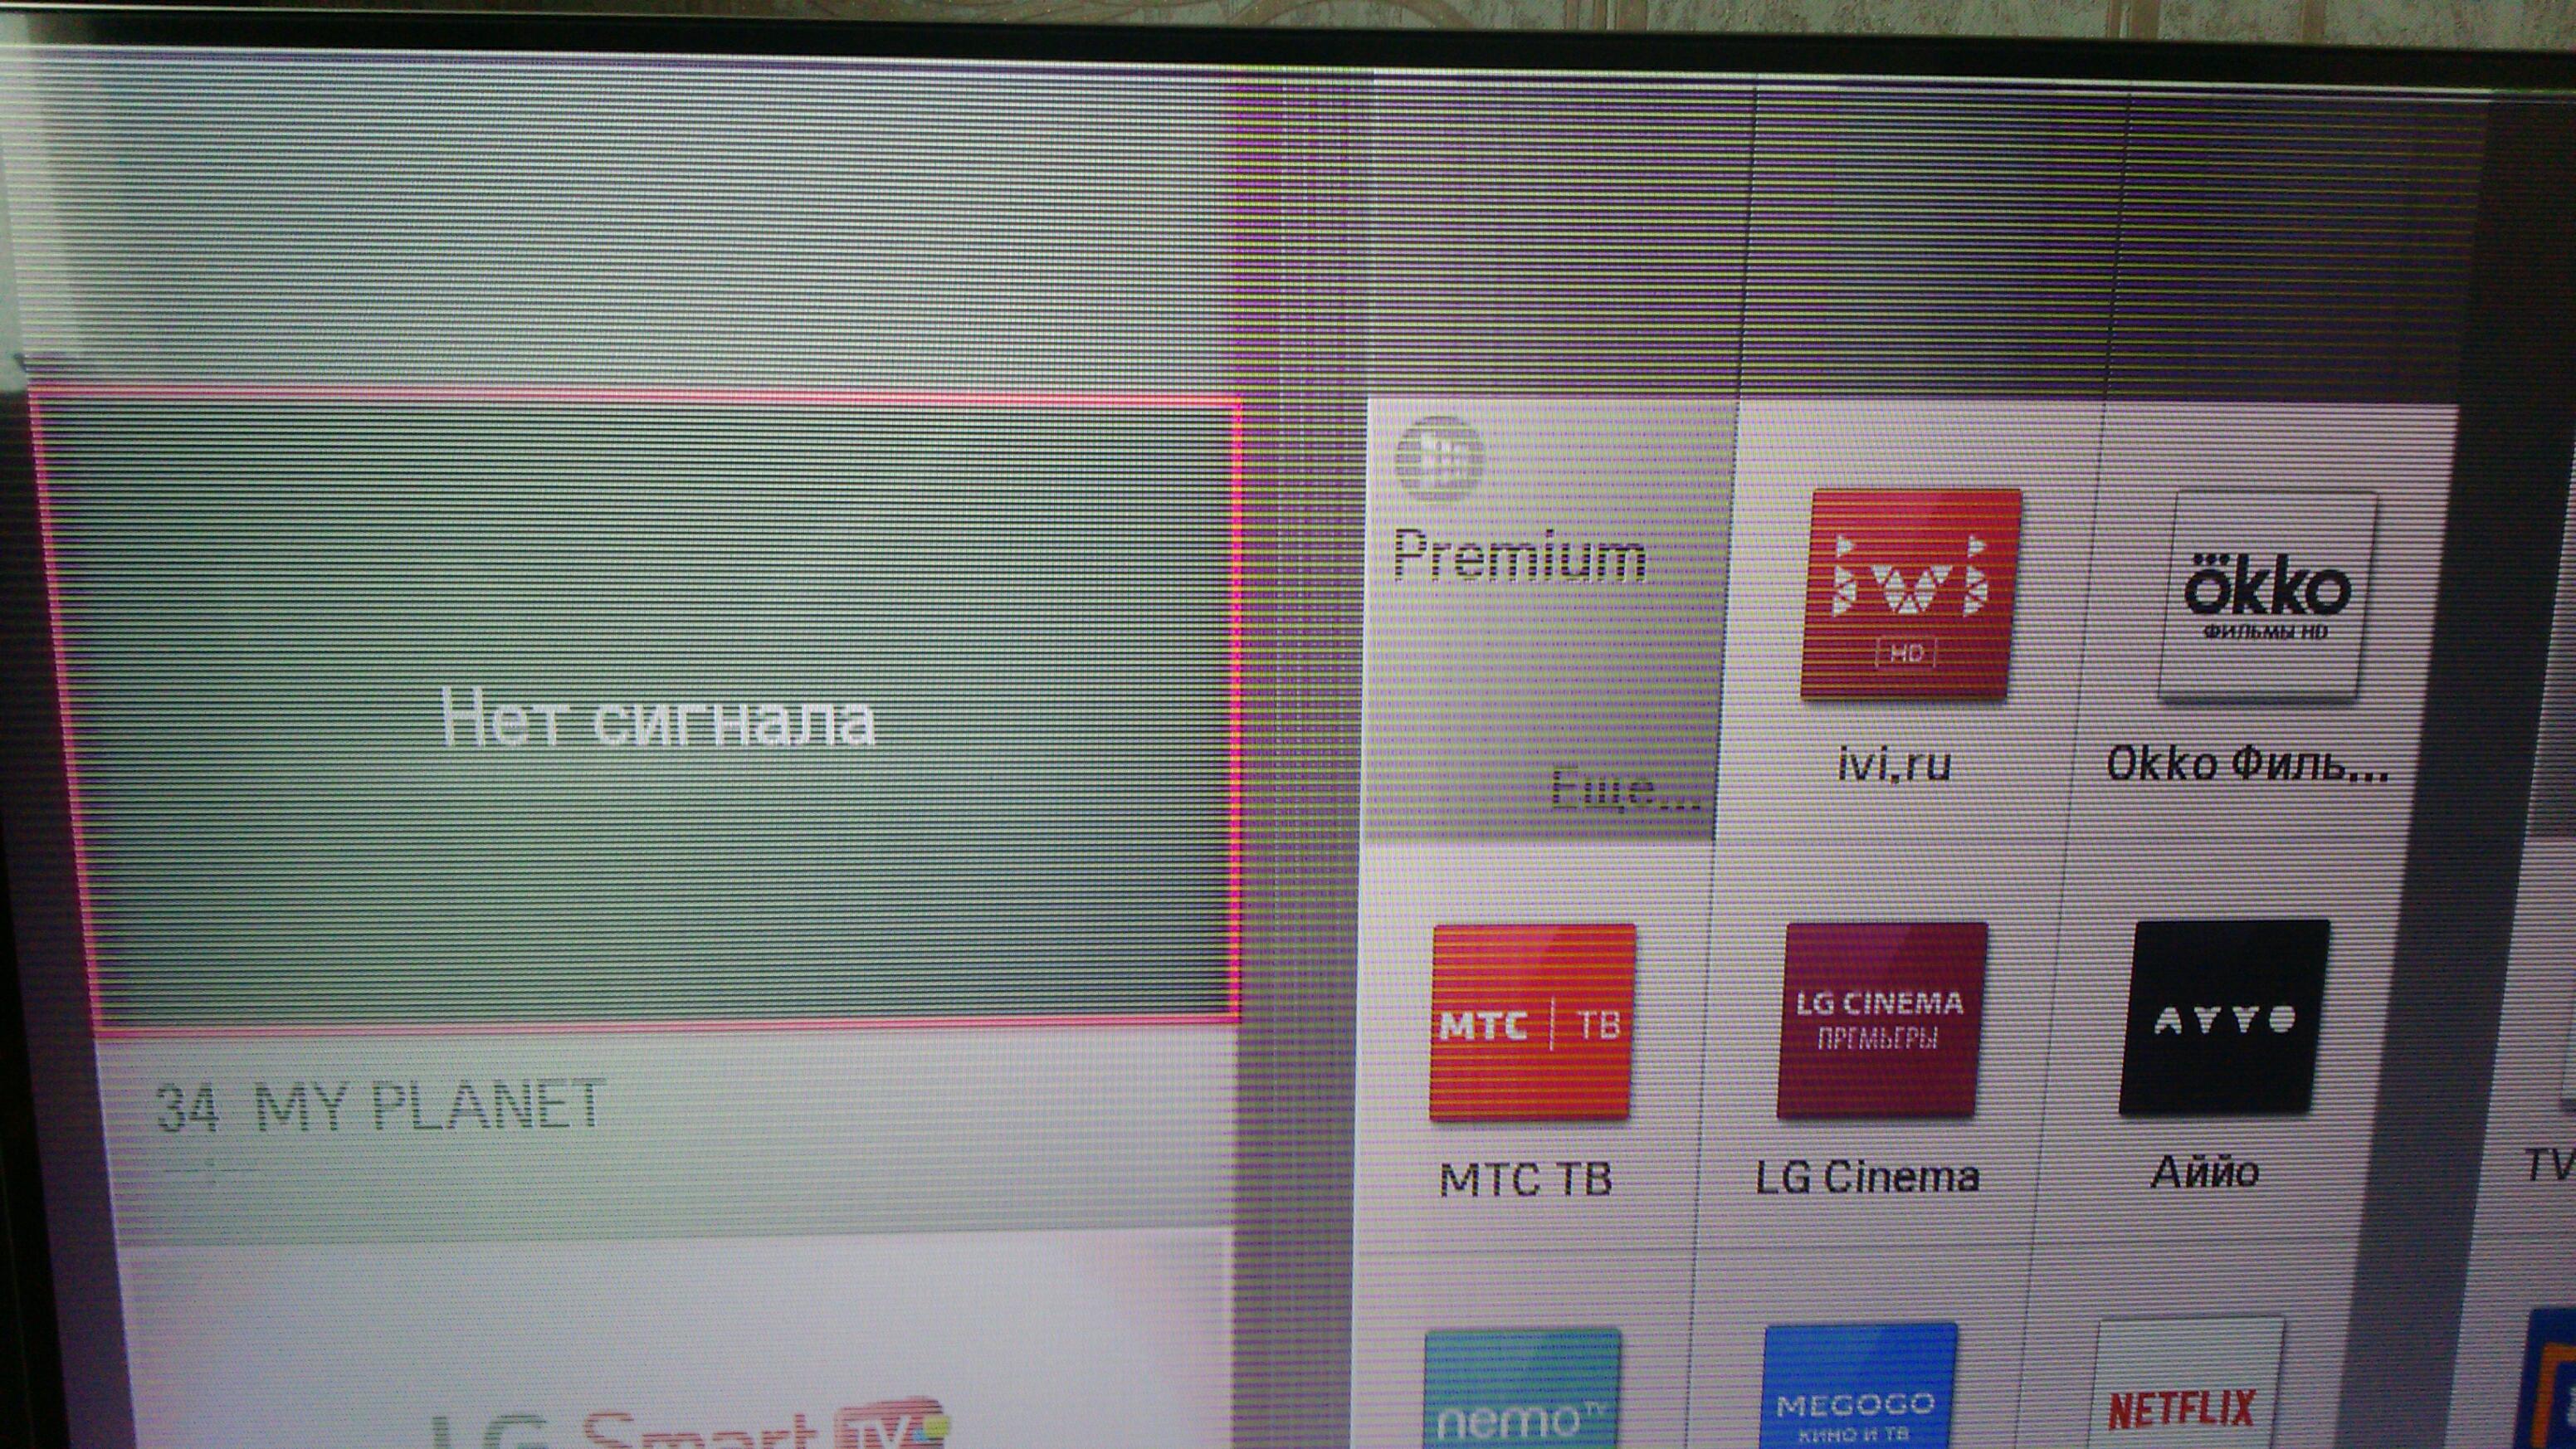 будет слишком вертикальные полосы на экране элт телевизора сочинения этому